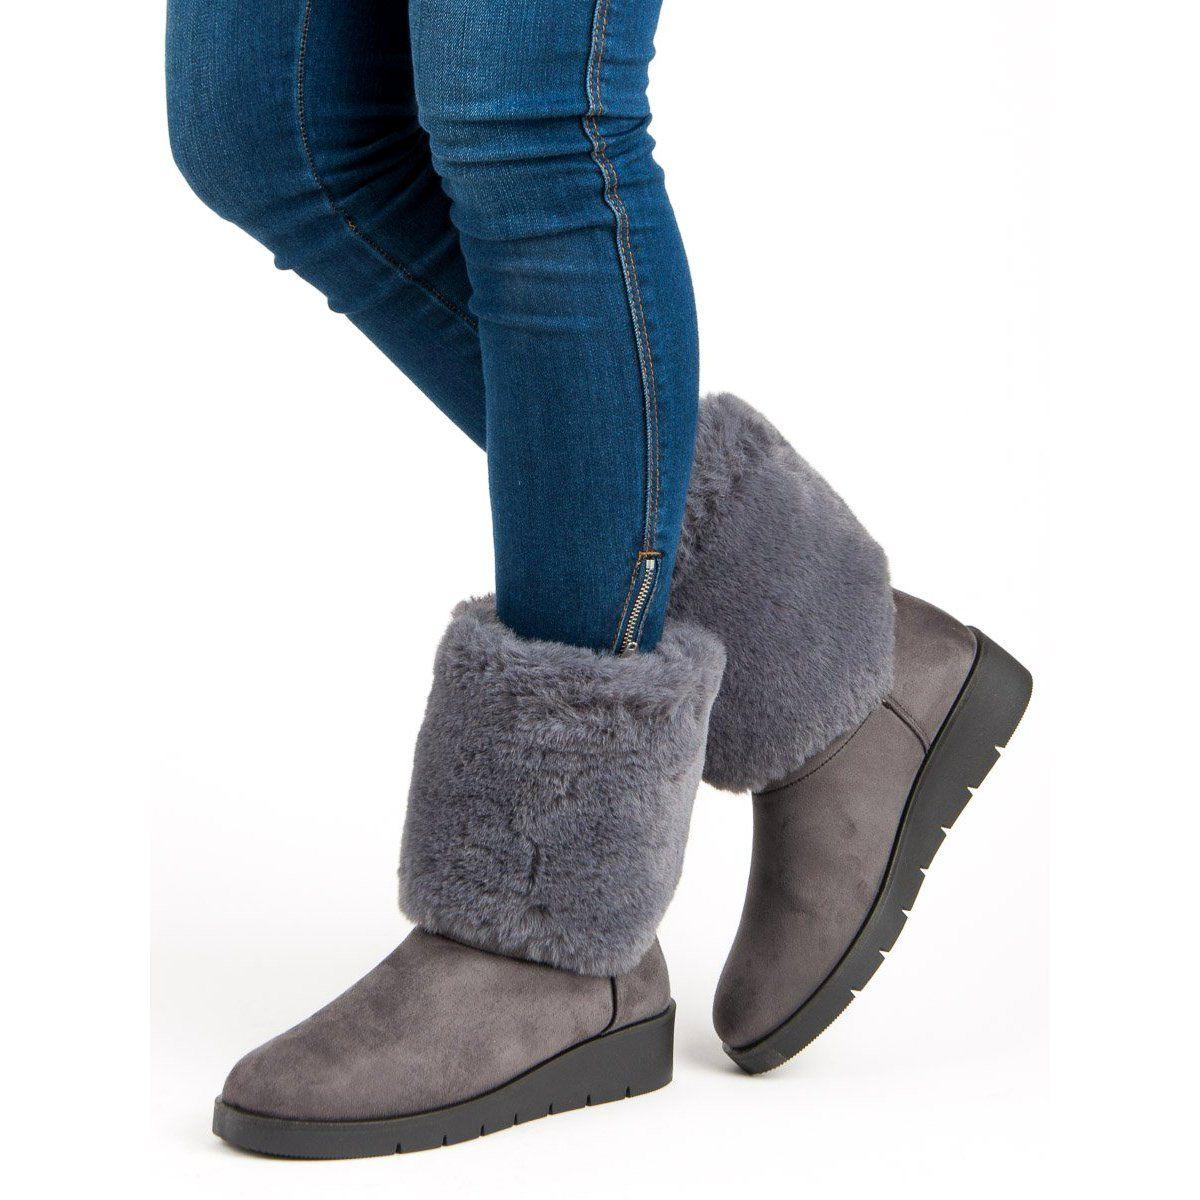 Kylie Modne Obuwie Zimowe Szare Snow Boots Women Winter Shoes Footwear